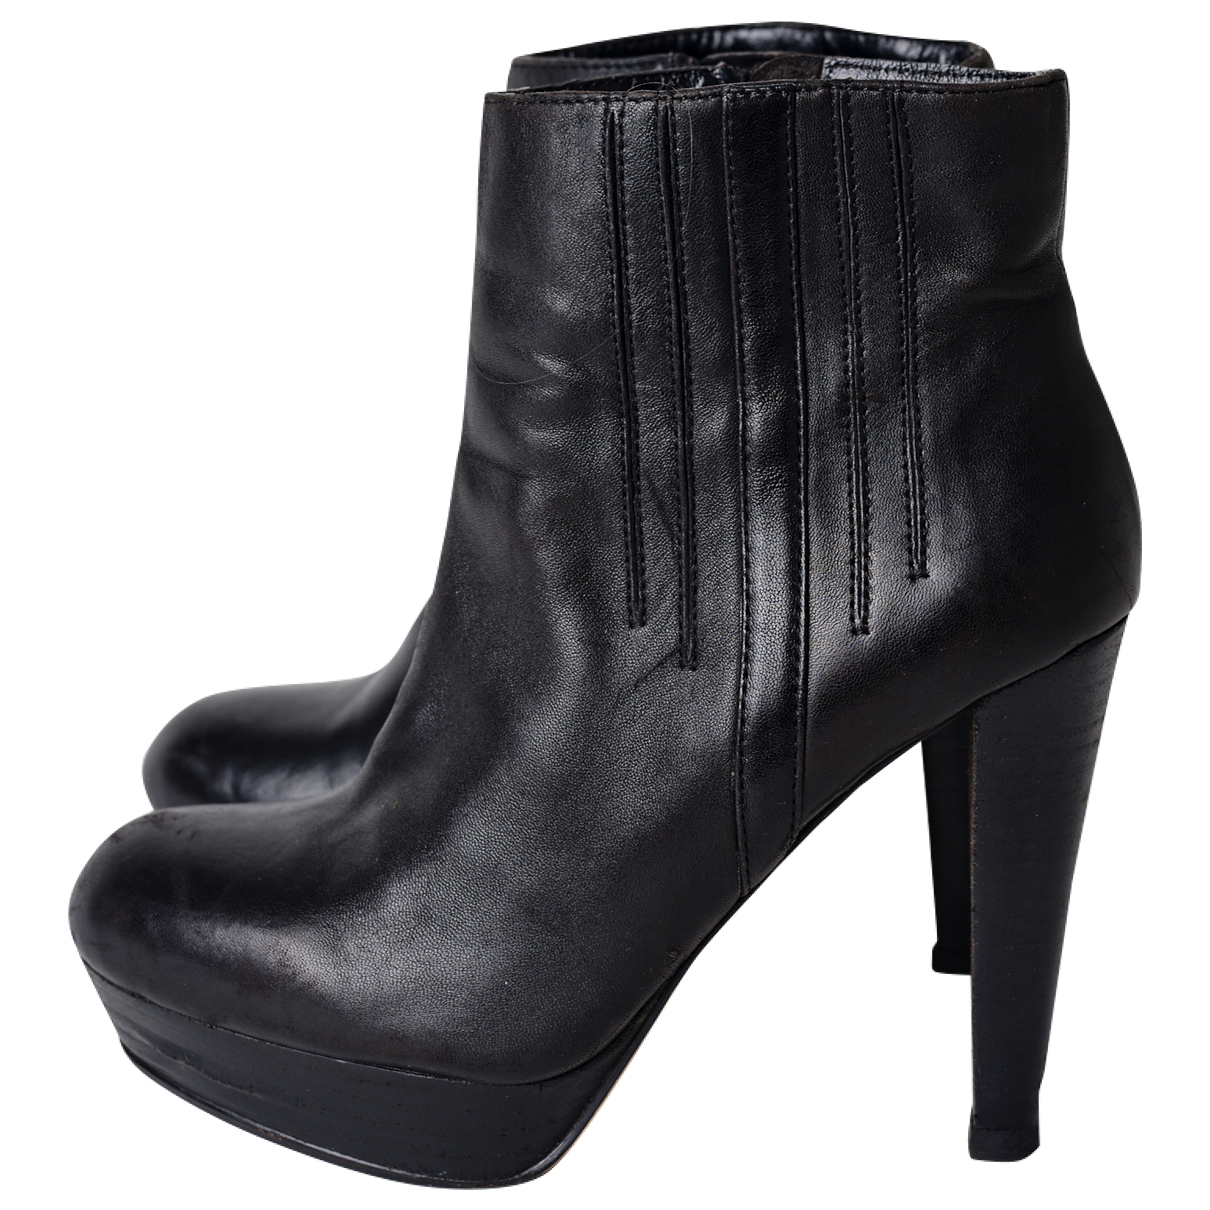 Bcbg Max Azria - Bottes   pour femme en cuir - noir